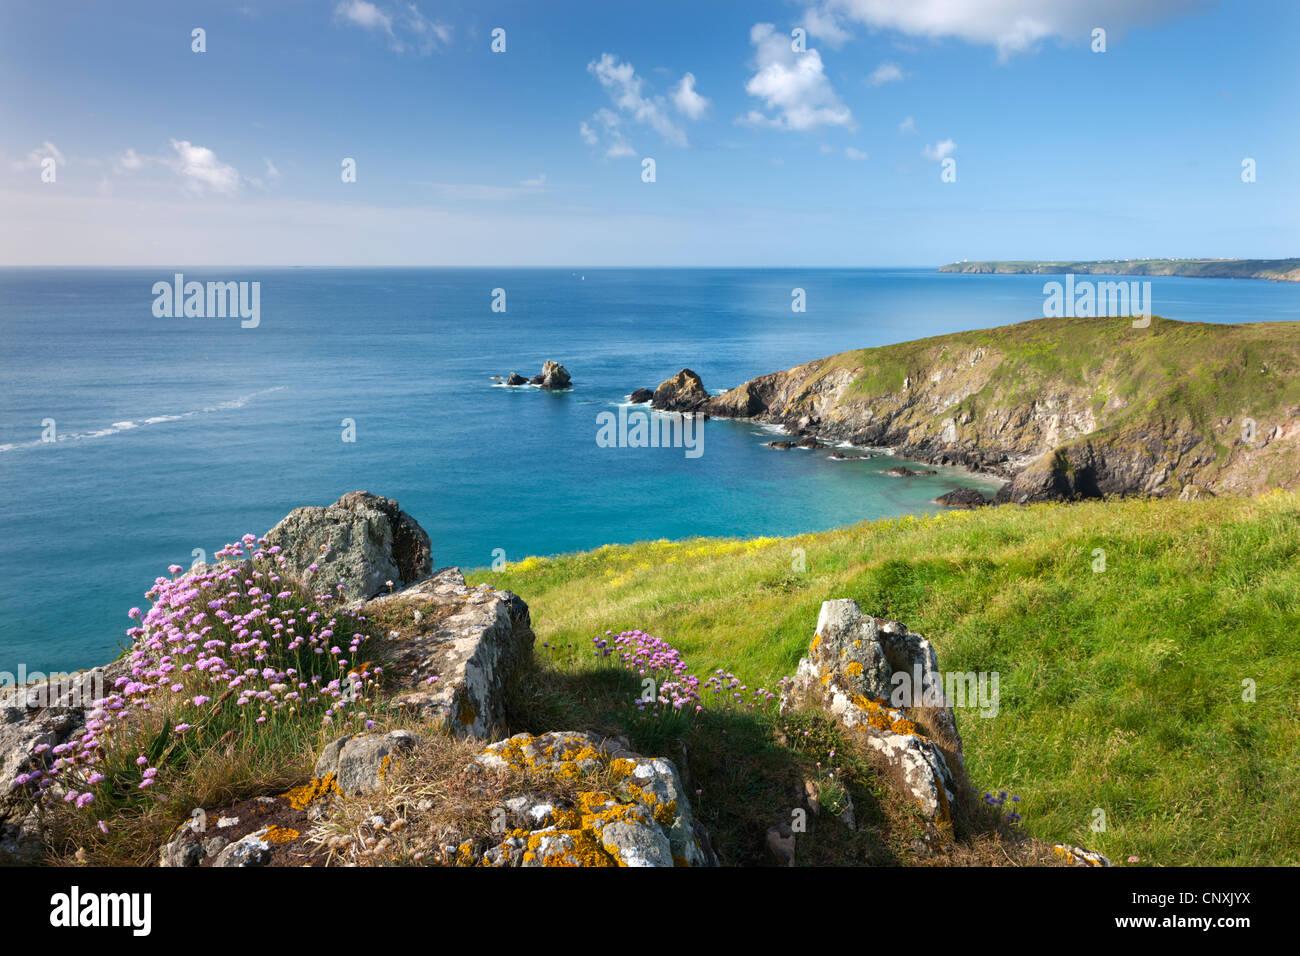 Meer Sparsamkeit Blüte auf die rührende über Carrick Luz, mit Blick auf die Eidechse, Cornwall, England. Stockbild